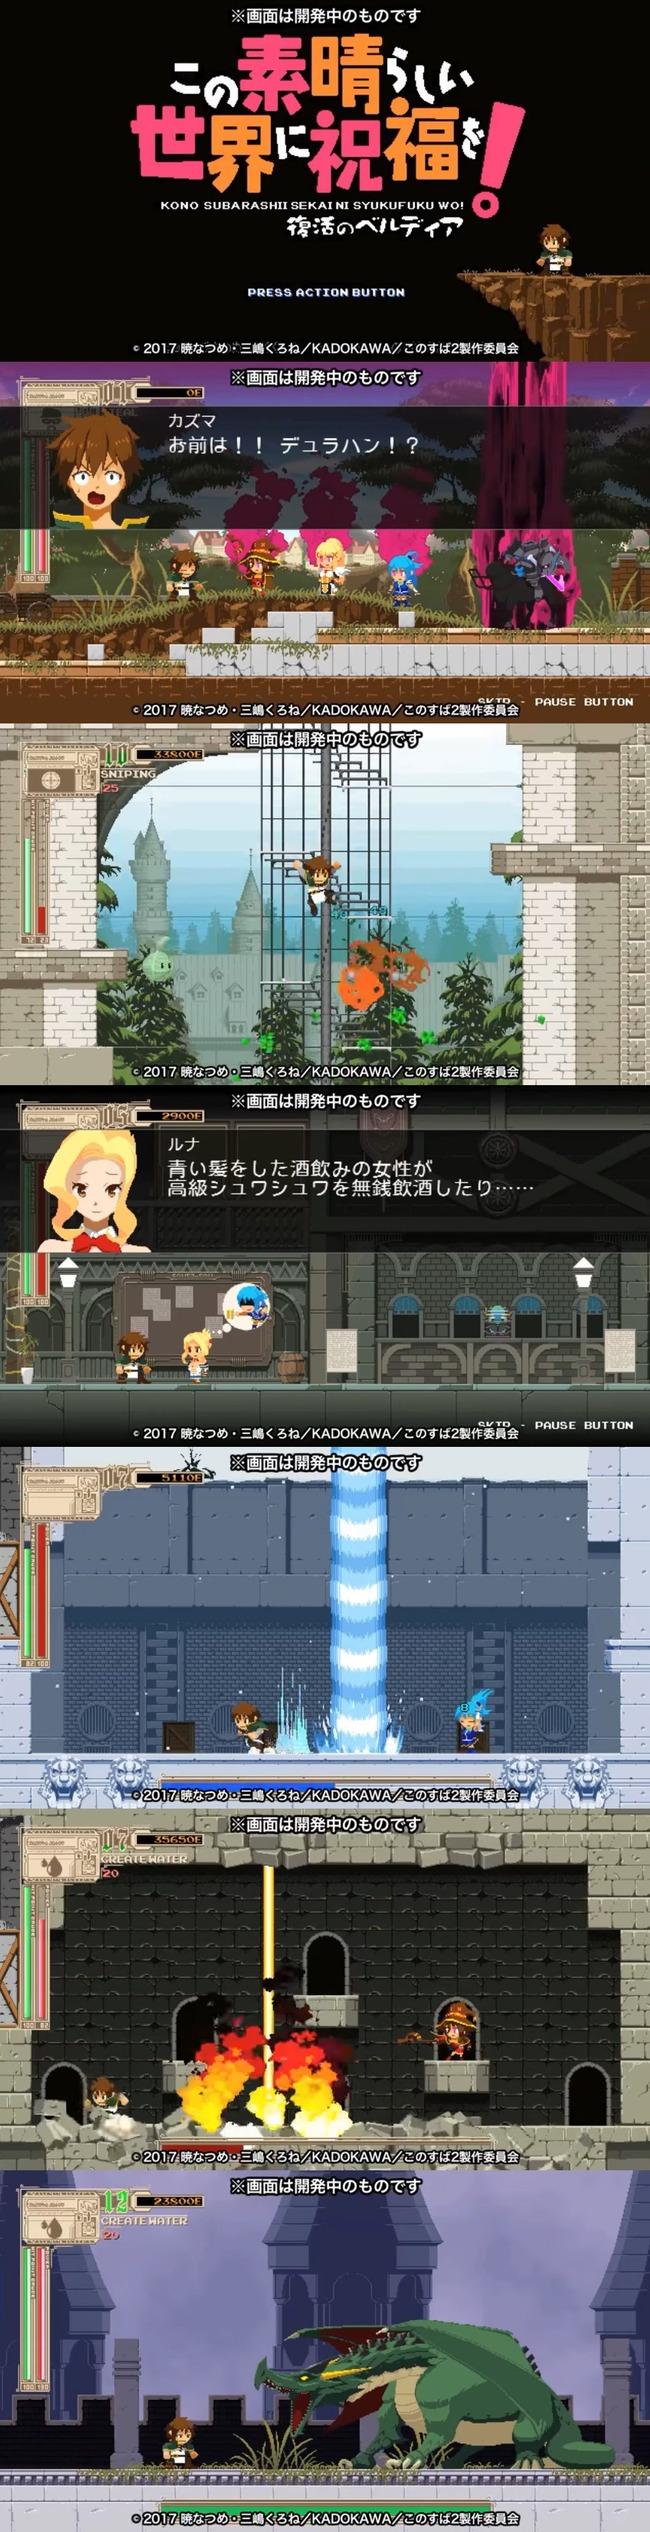 このすば ゲームに関連した画像-02